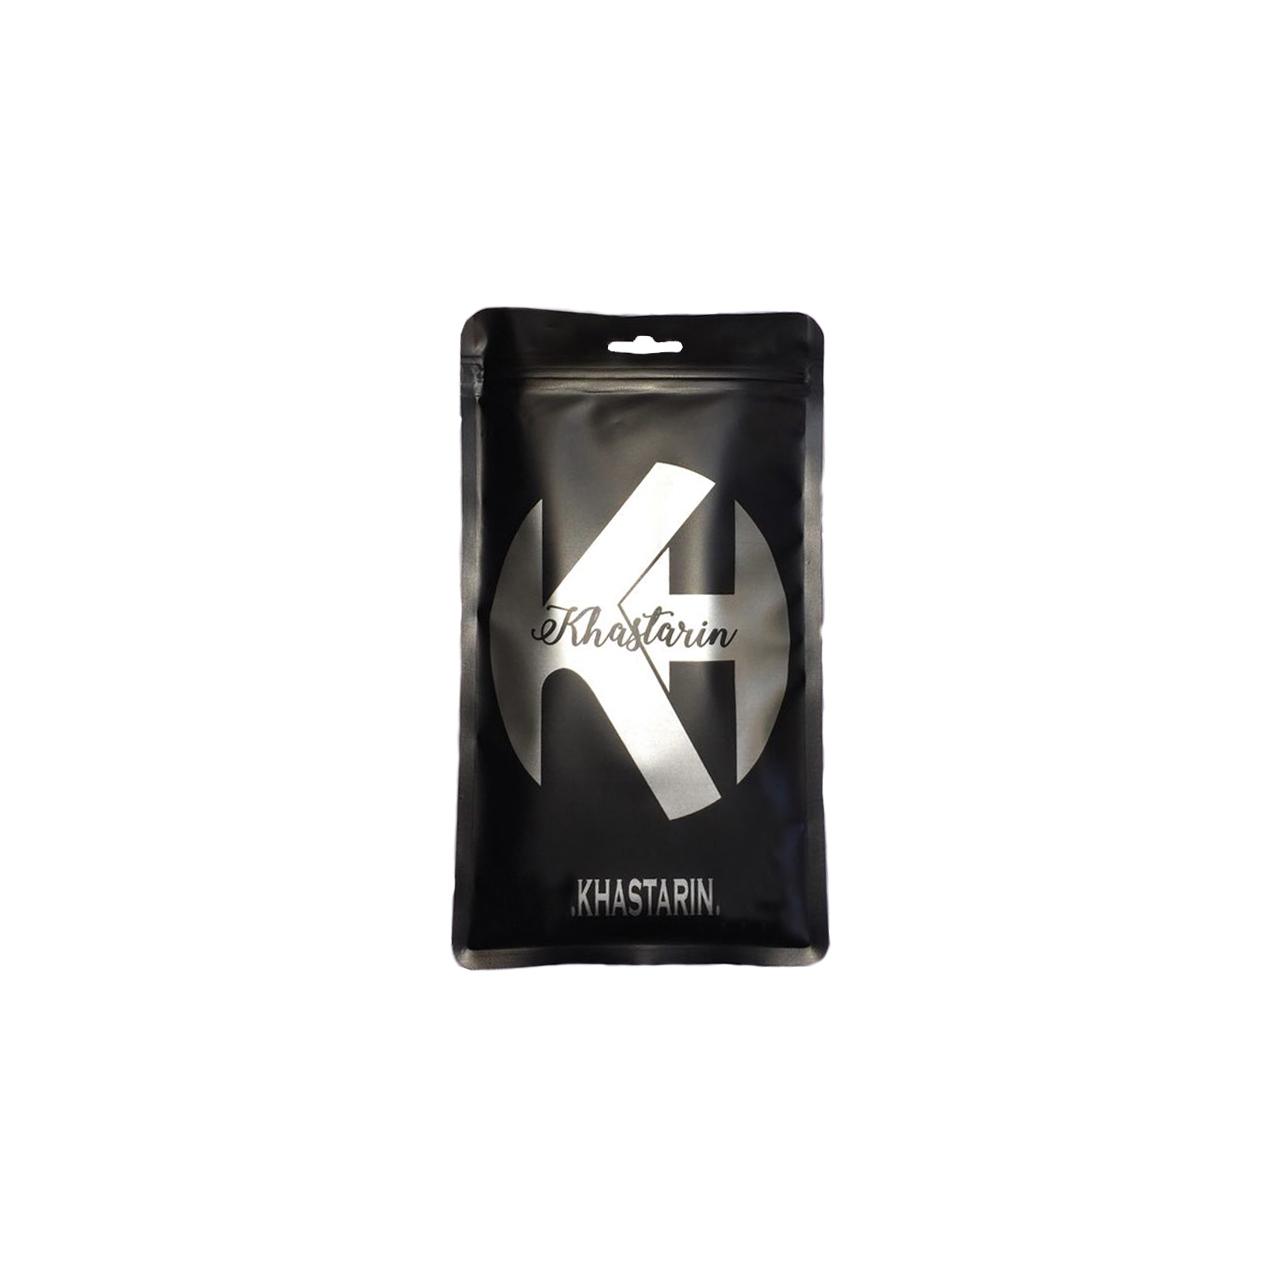 کاور کی اچ کد C20 مناسب برای گوشی موبایل سامسونگ galaxy J5 Prime